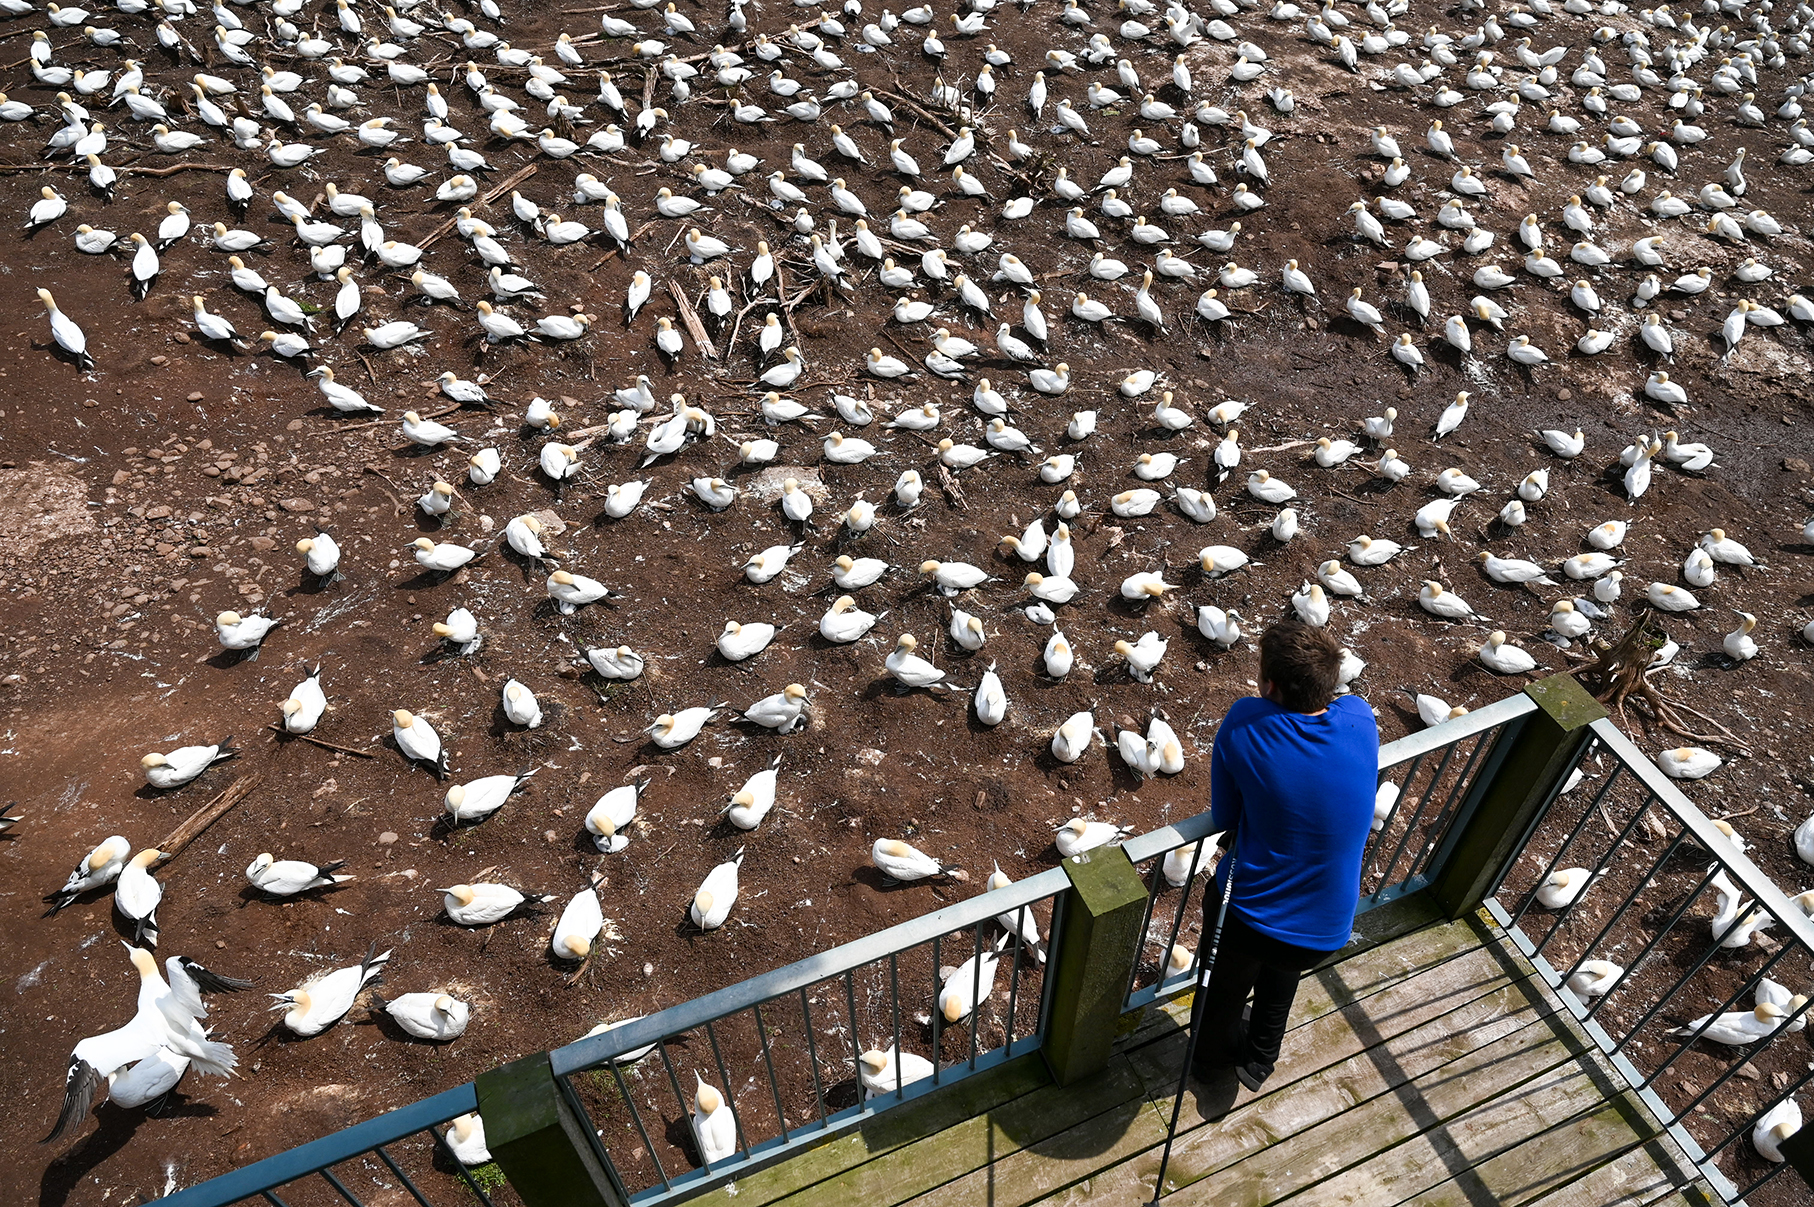 Northern gannets bonaventure island